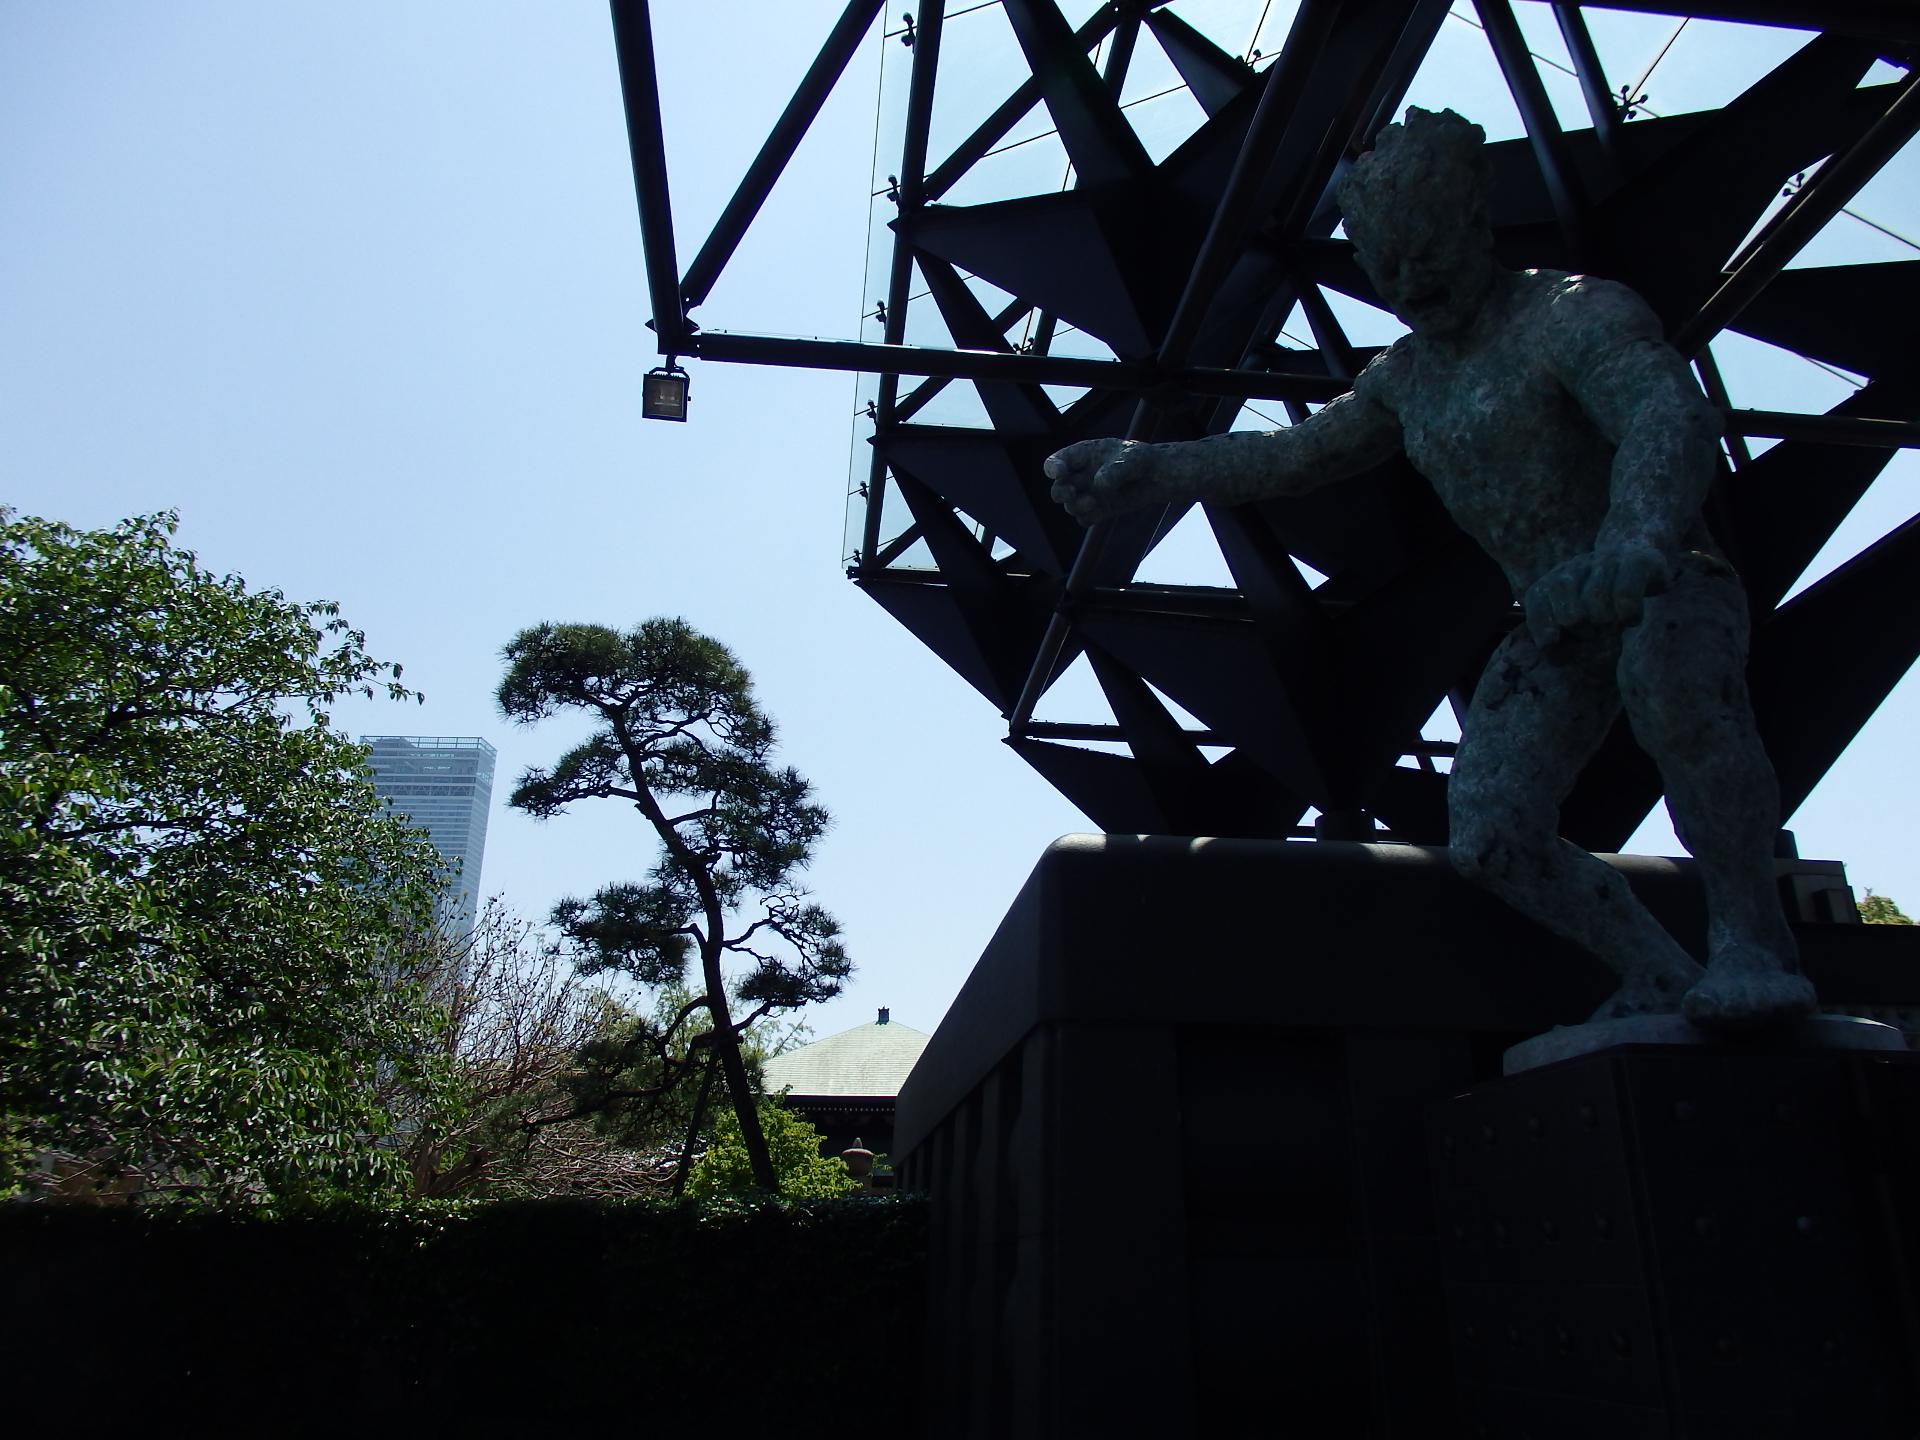 一心寺の仁王門と松とアベノハルカスです。